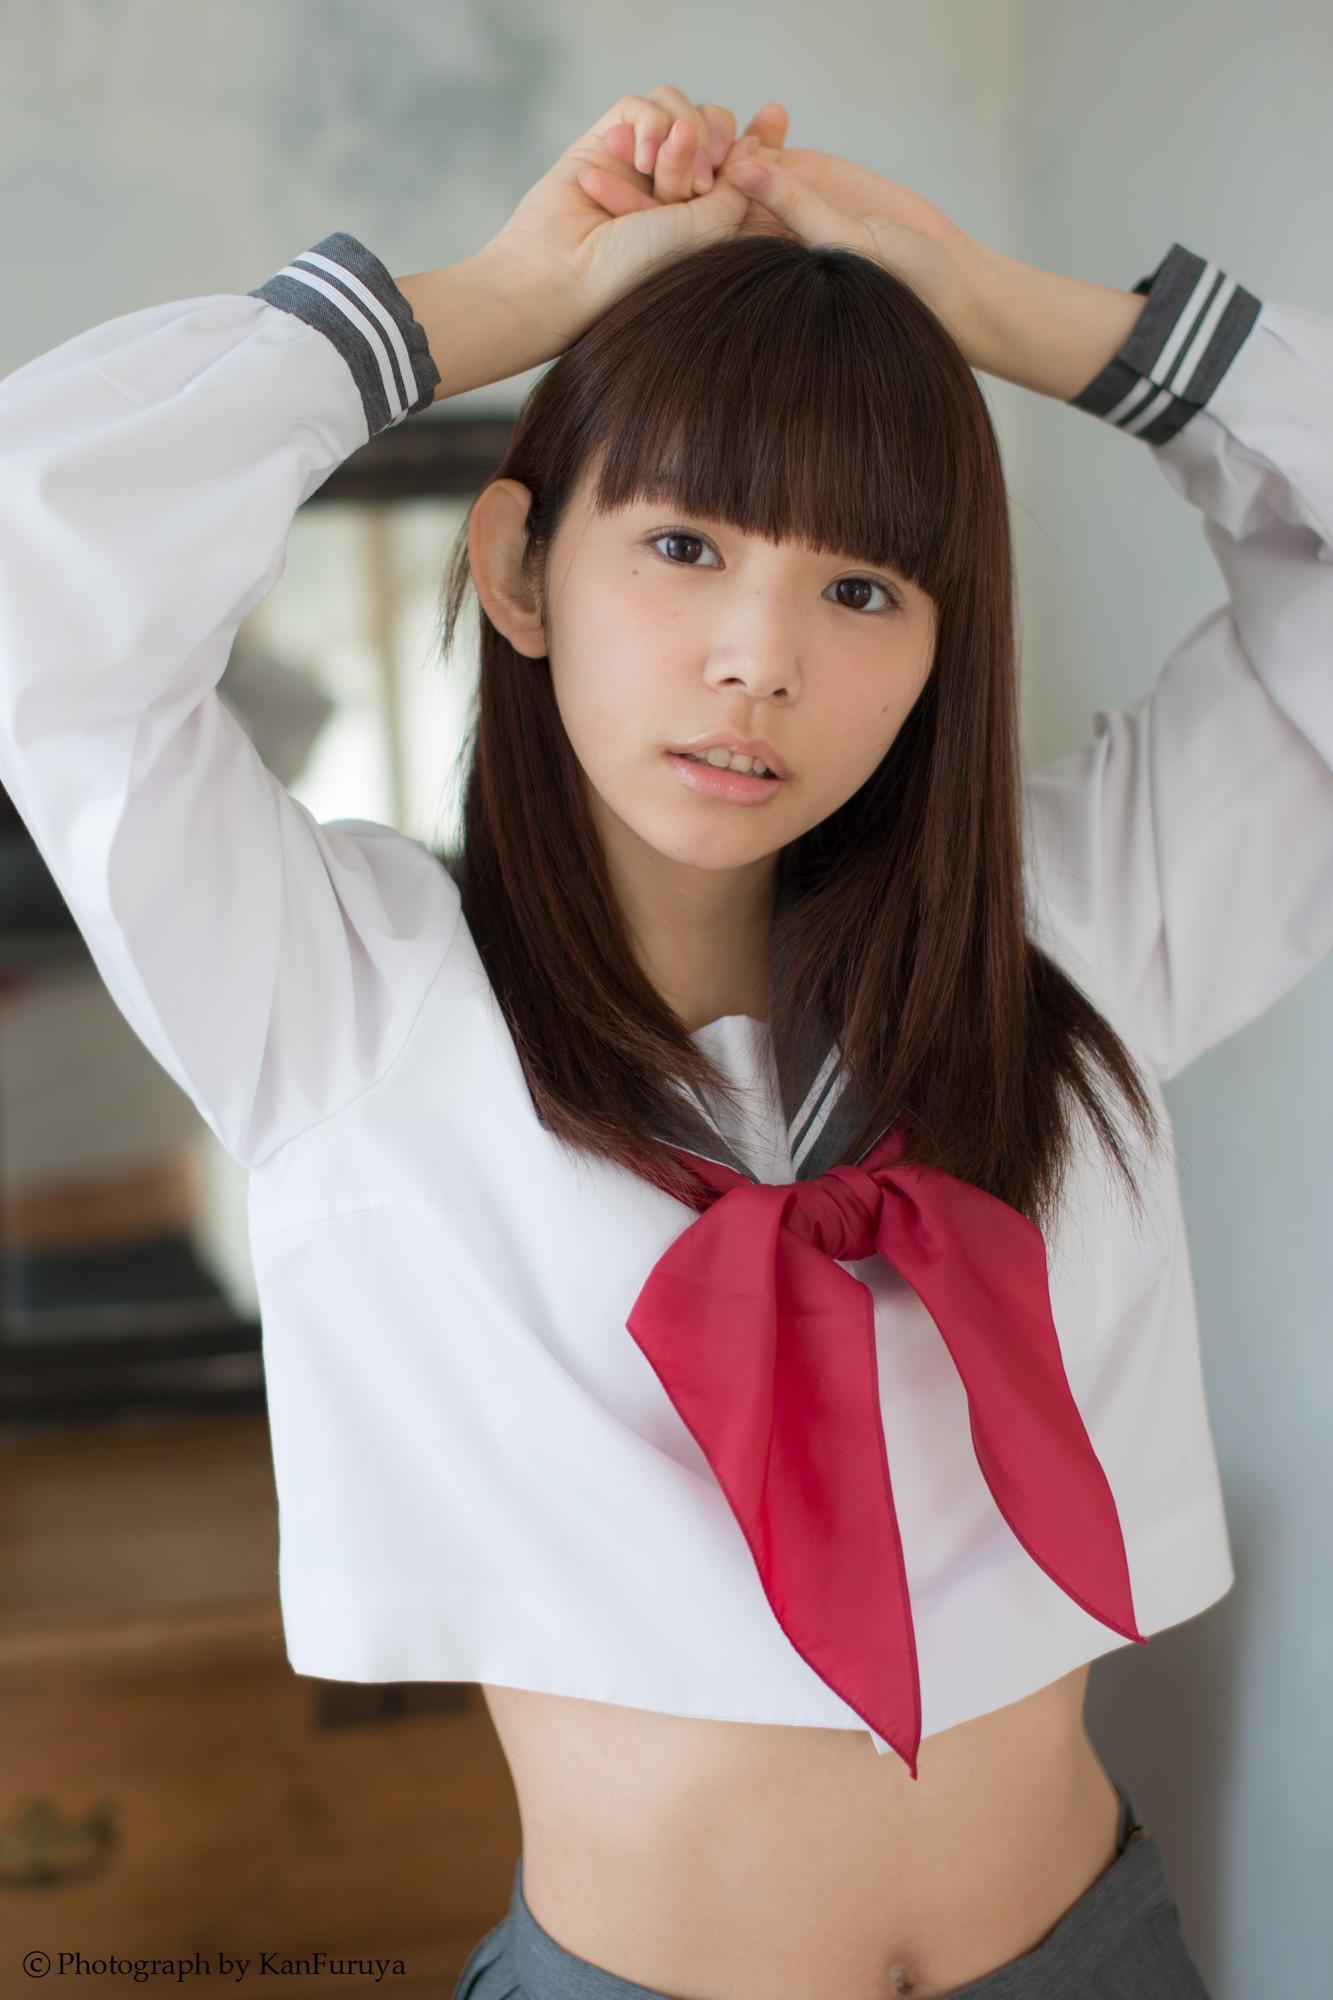 青山祥子 - JapaneseClass.jp